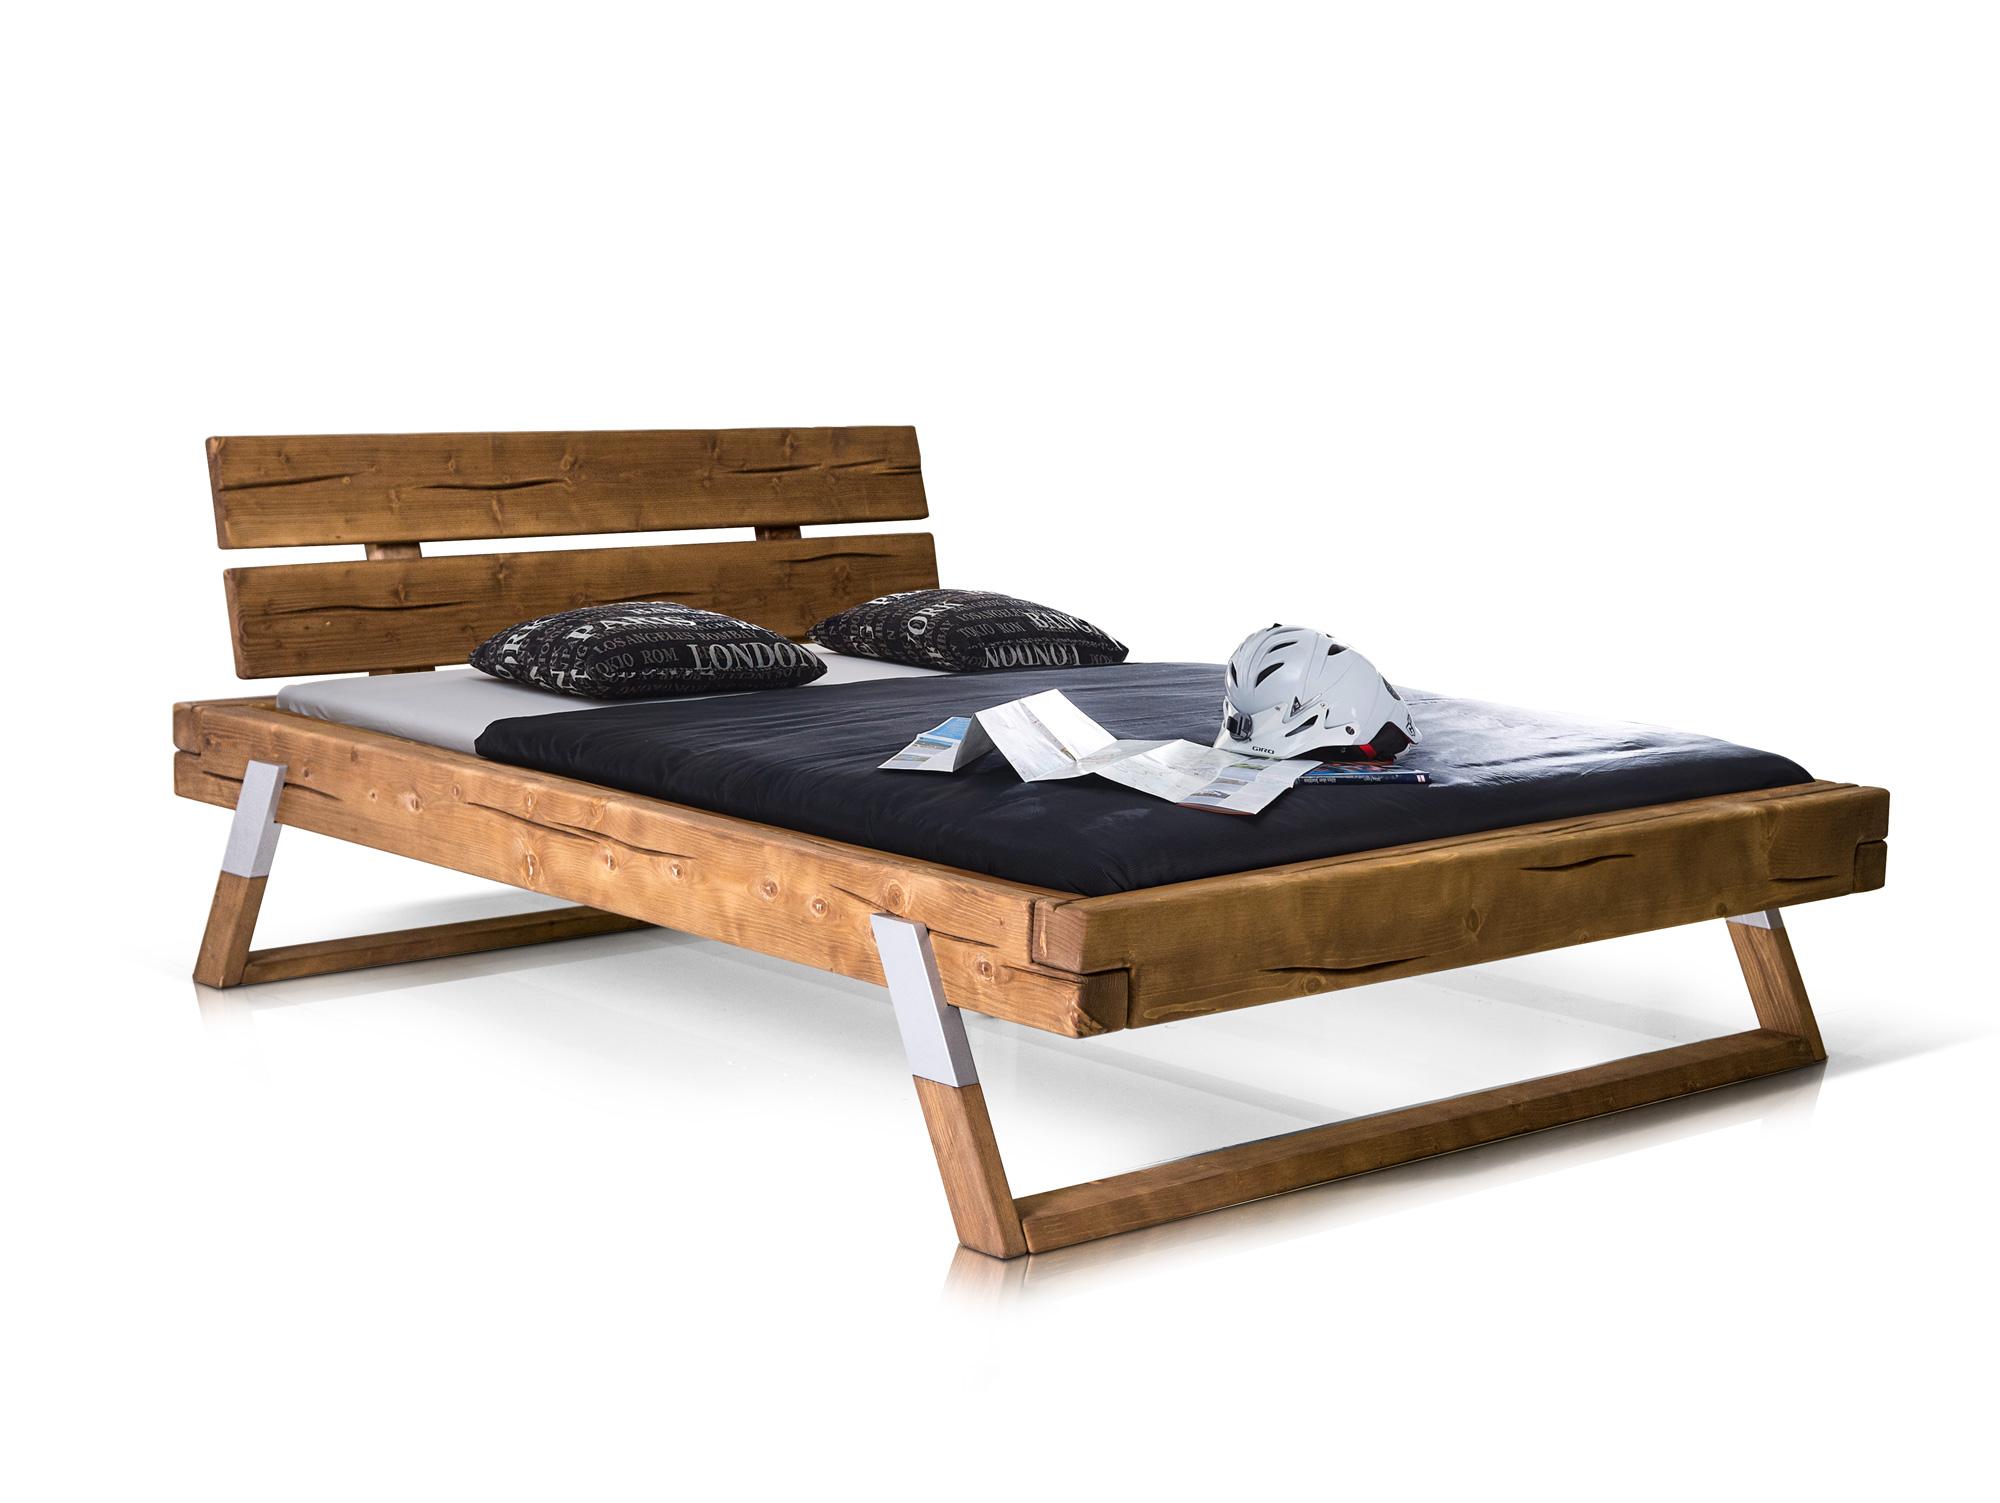 Balkenbett fichte  TYLER Doppelbett Bett Balkenbett 180x200 cm Holzbett Fichte ...